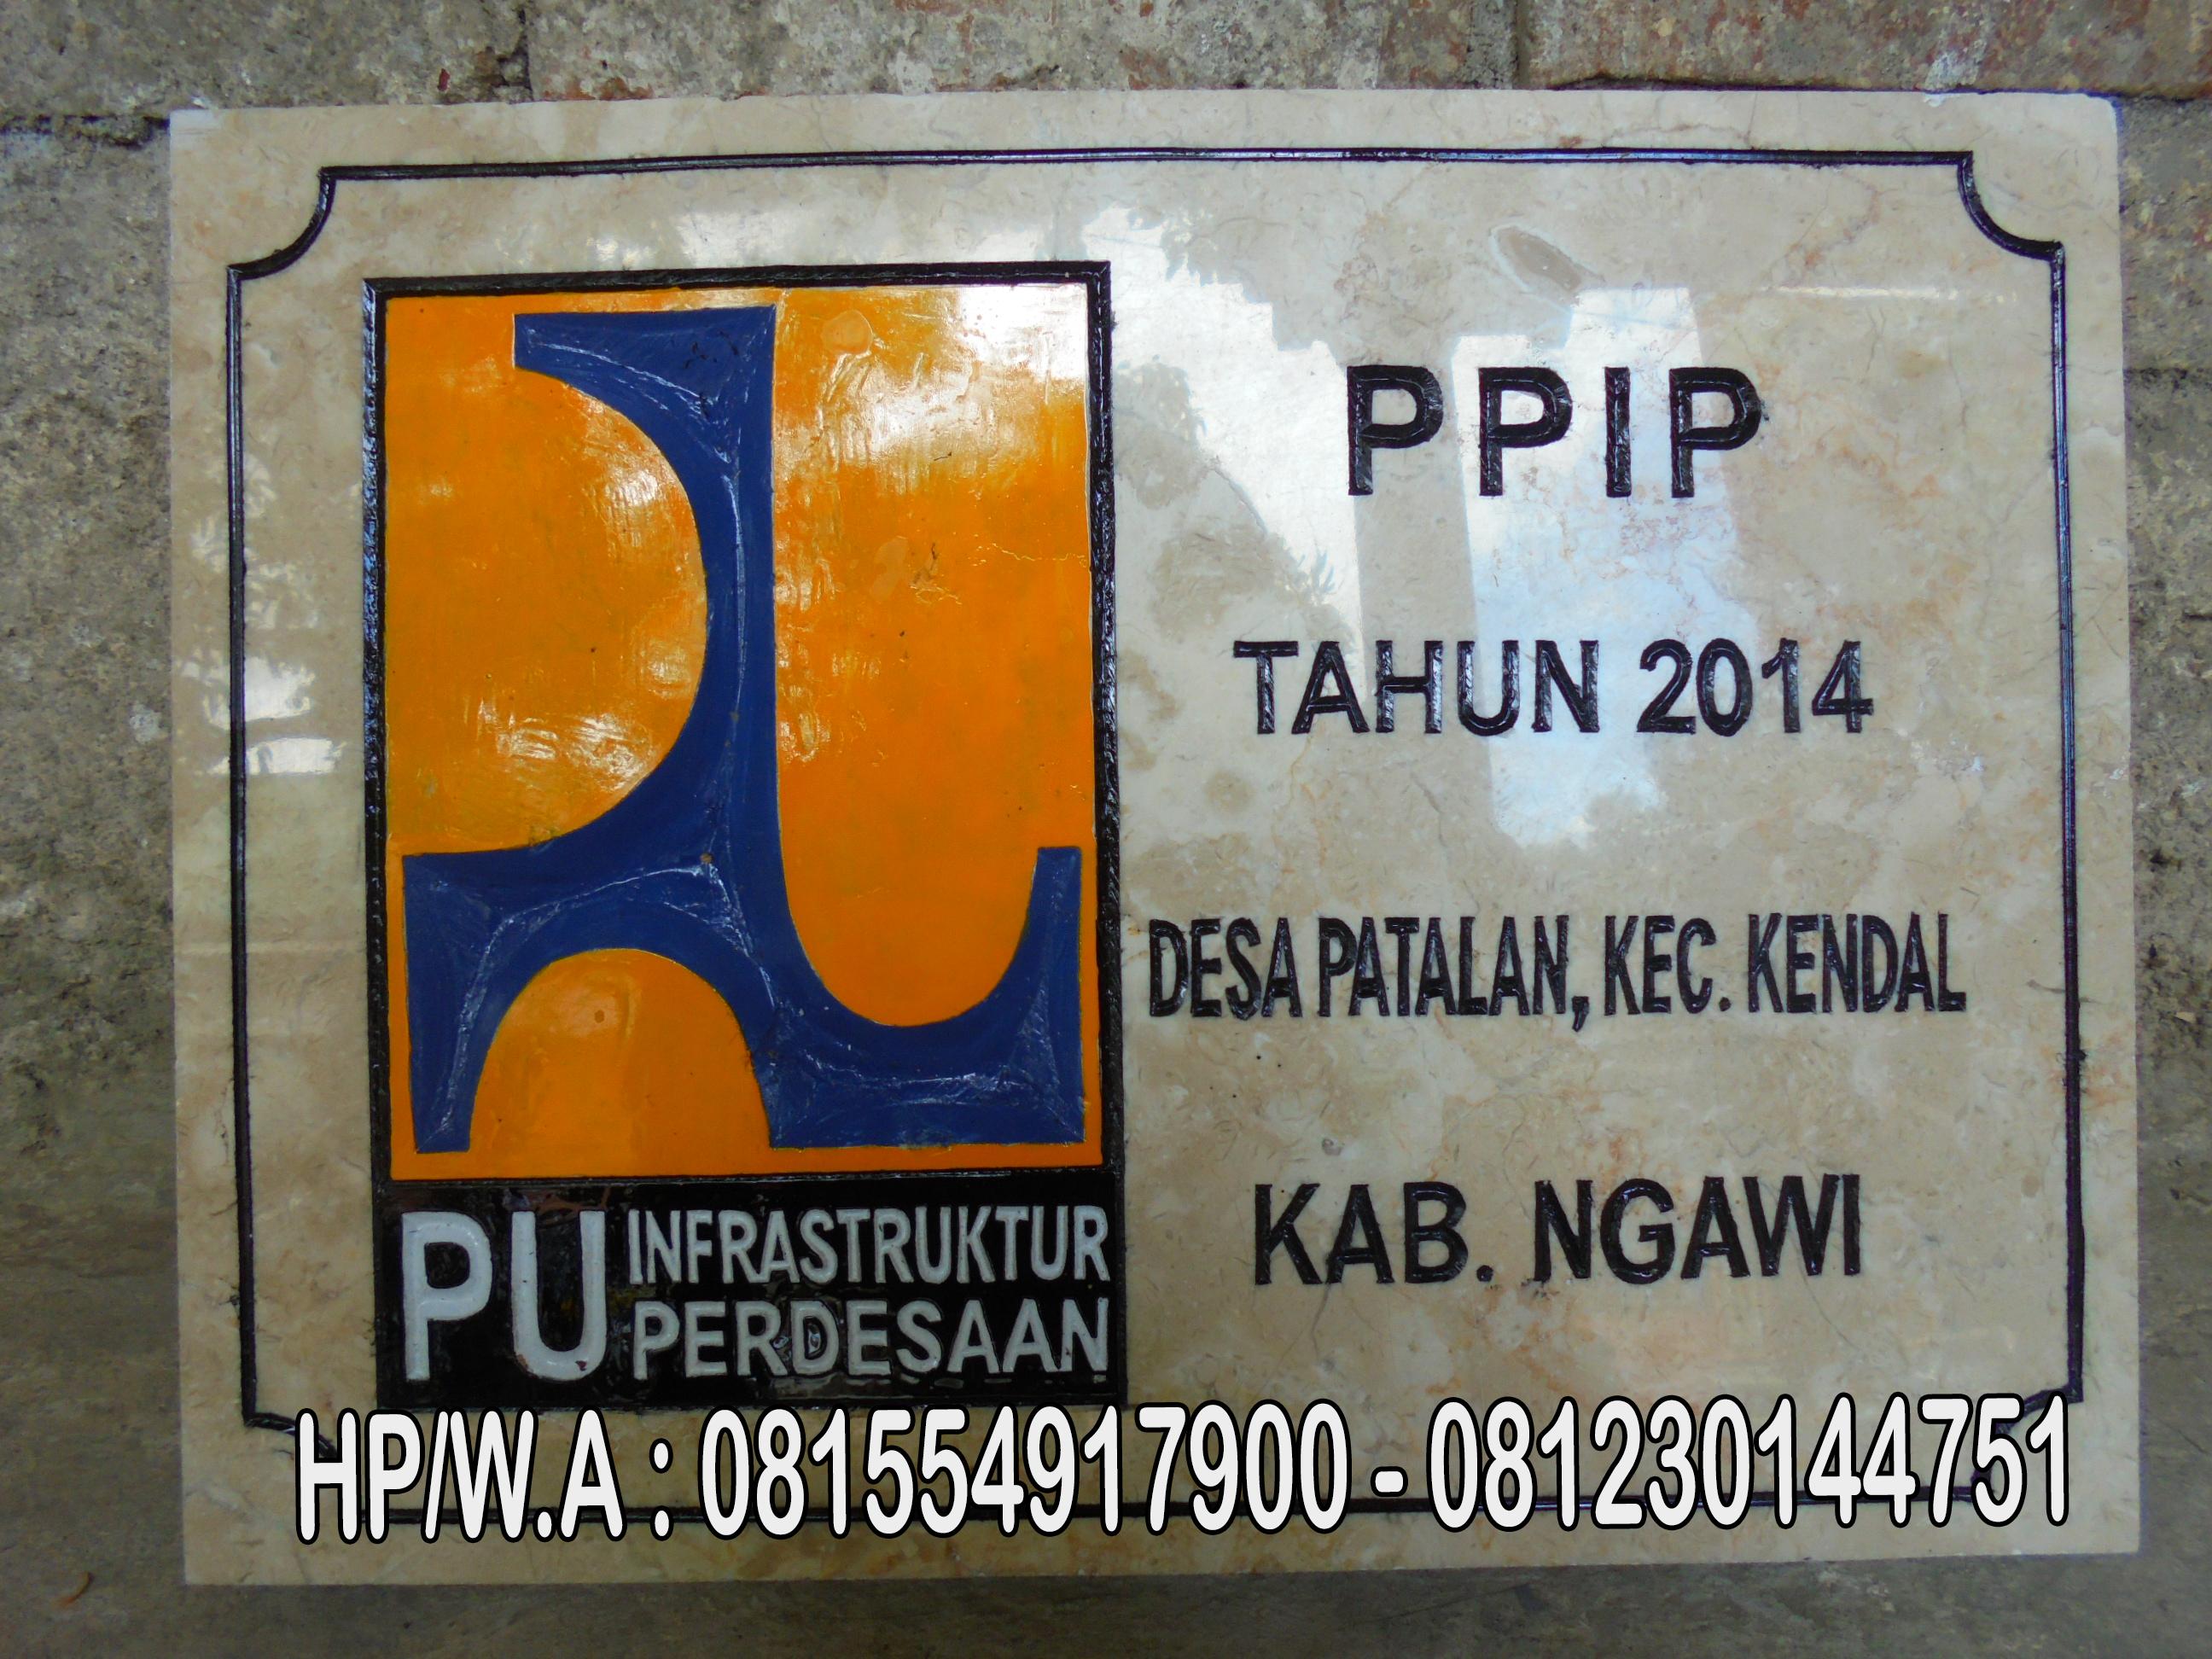 Prasasti PPIP,Jual Prasasti Marmer